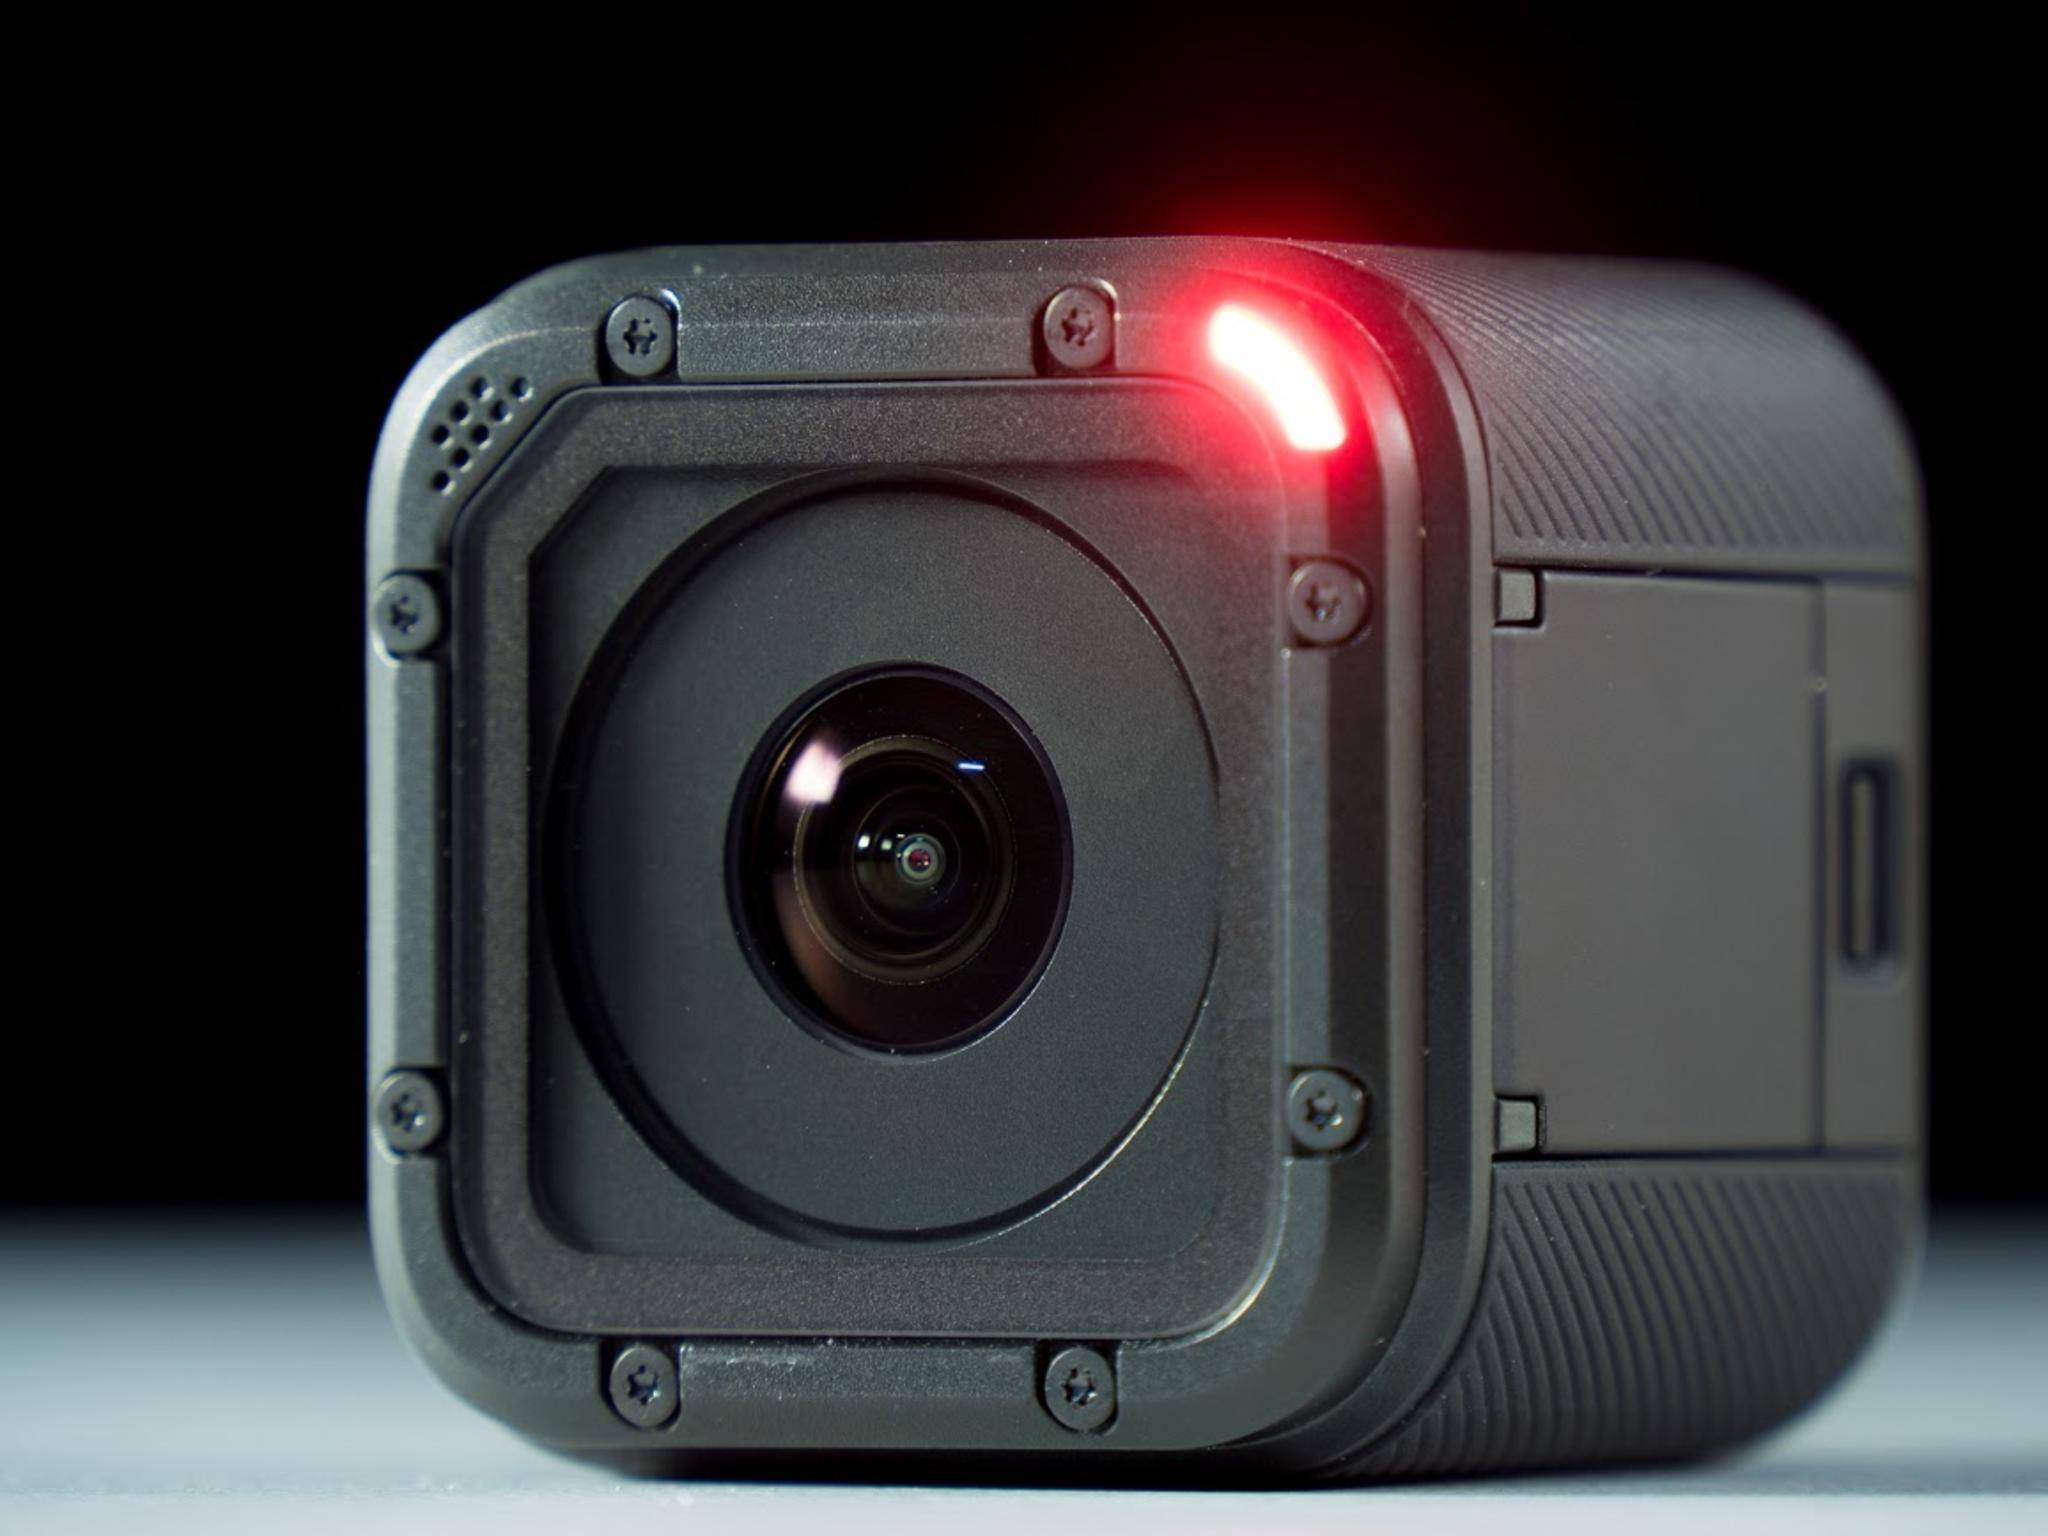 Orientiert sich die Hero 5 an der GoPro Hero 4 Session?